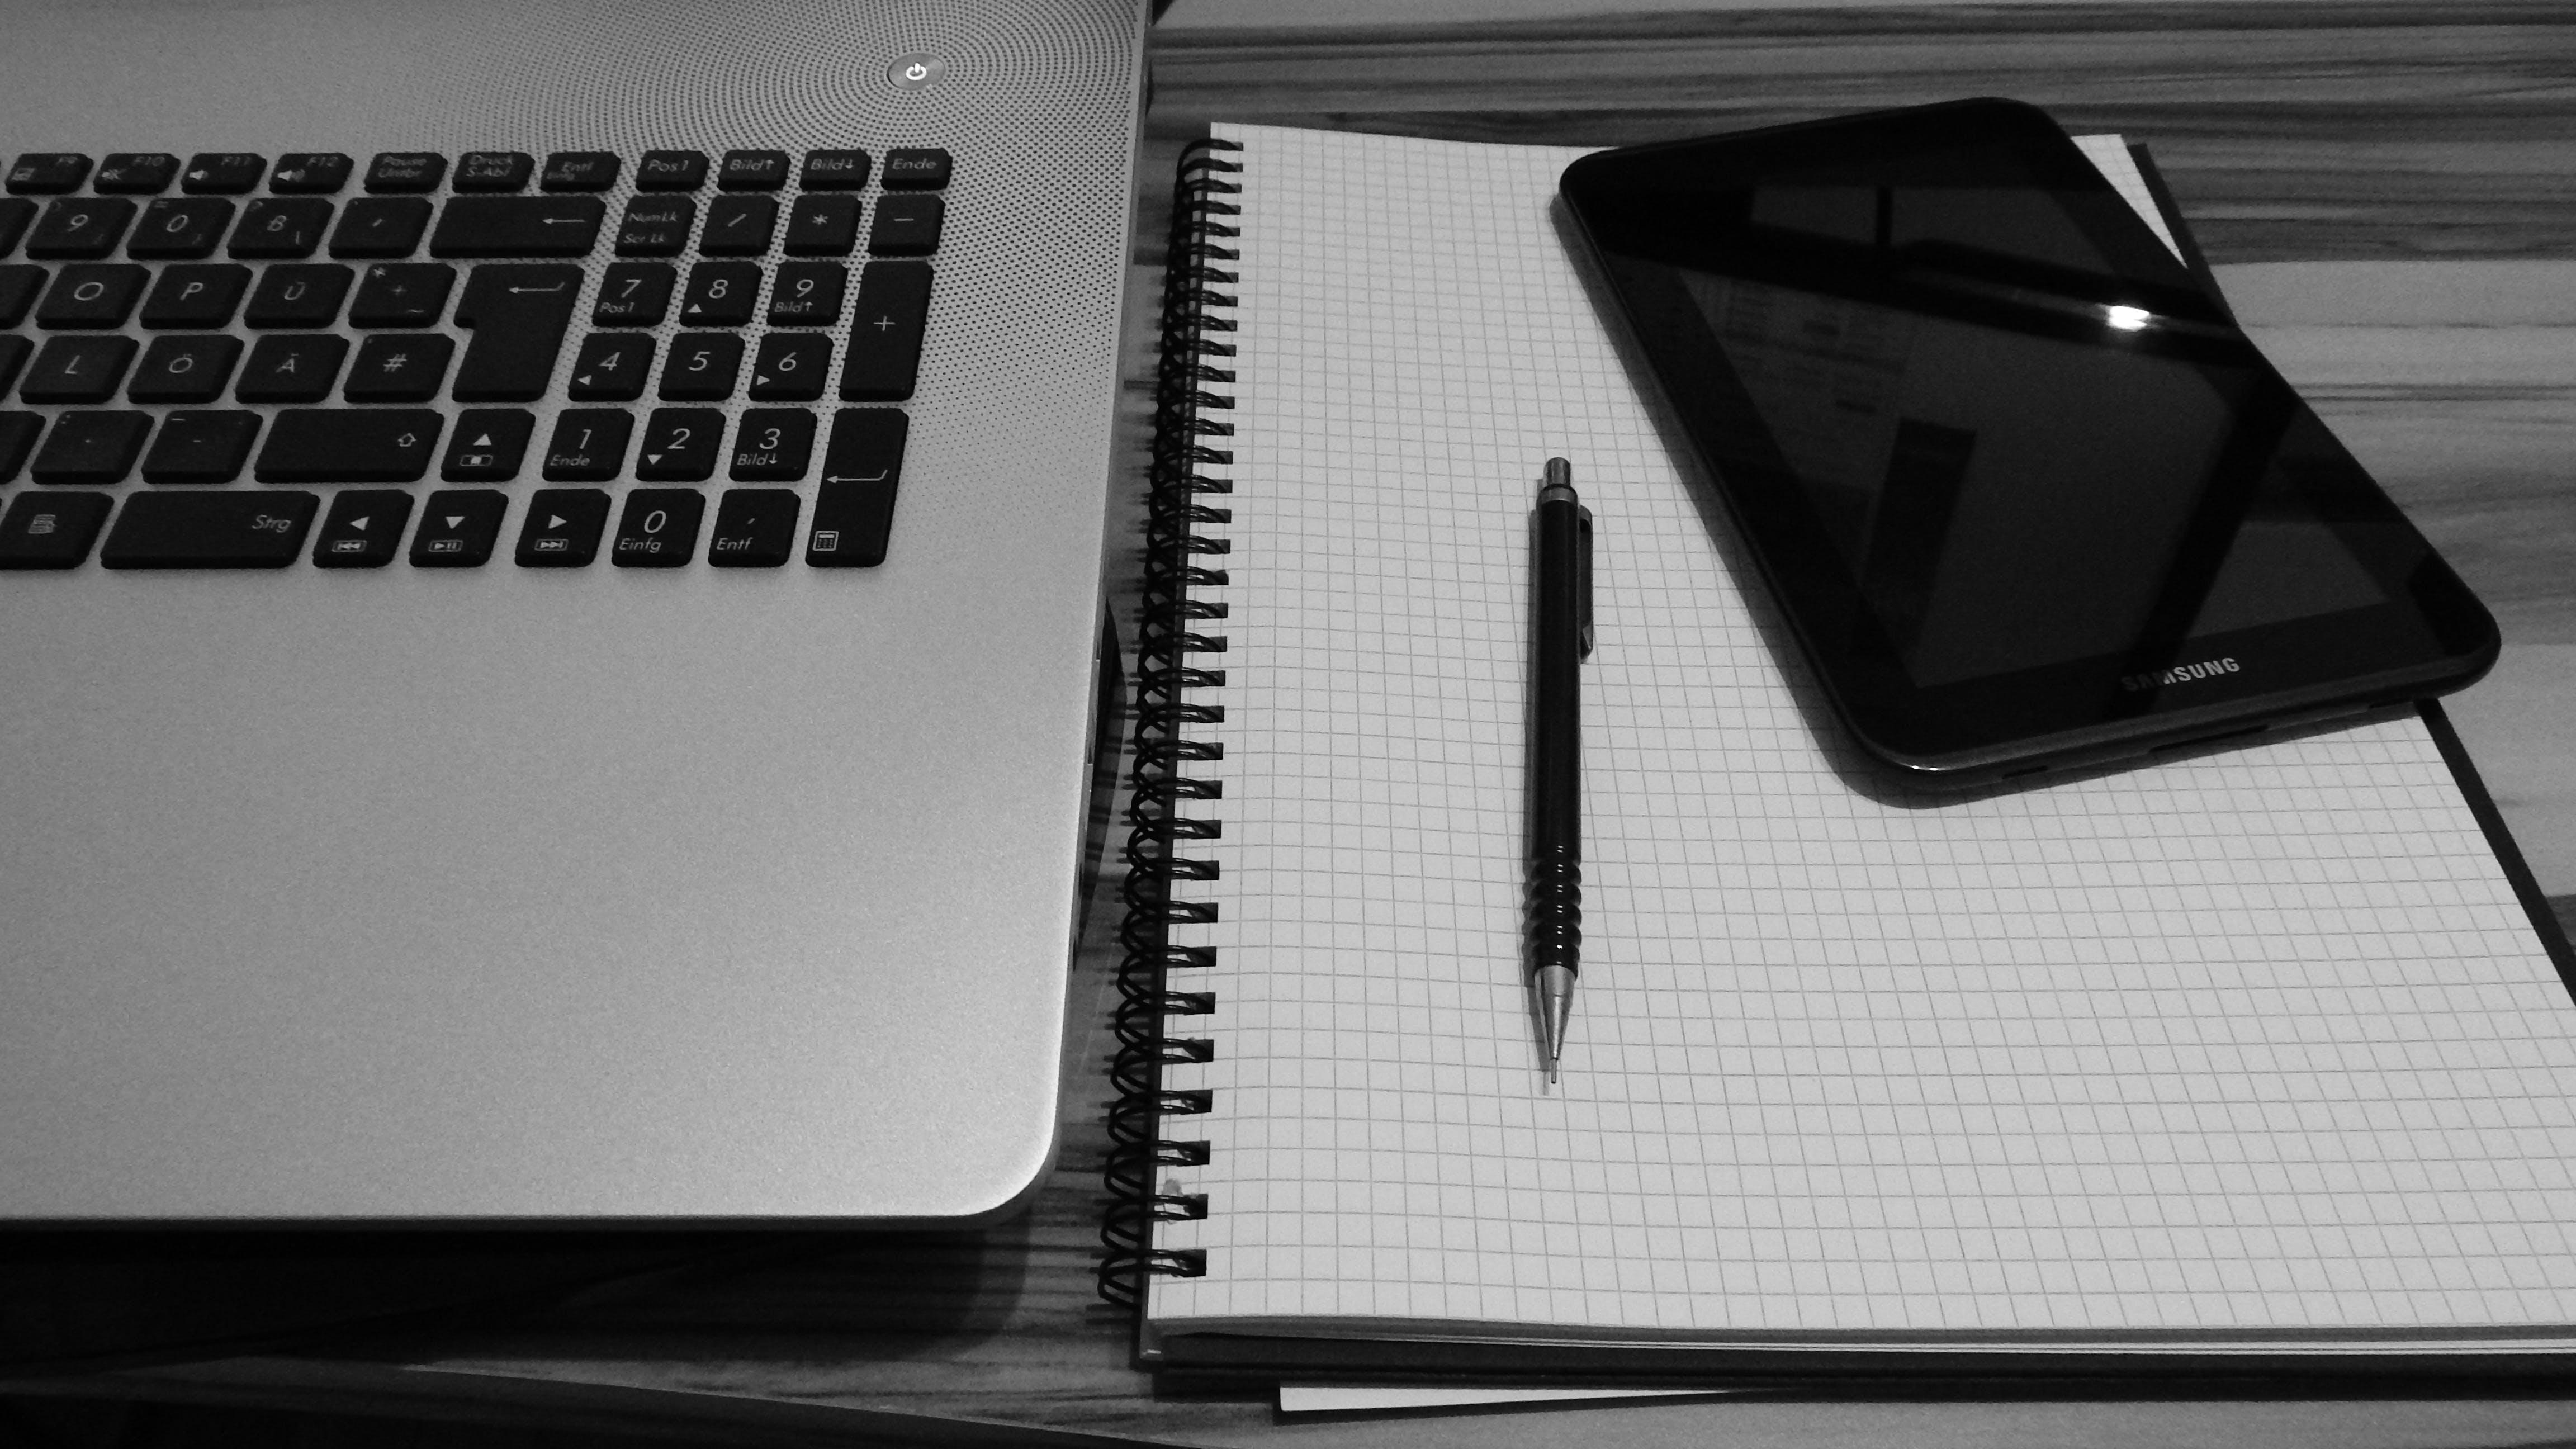 Δωρεάν στοκ φωτογραφιών με laptop, tablet, ασπρόμαυρο, ασύρματος